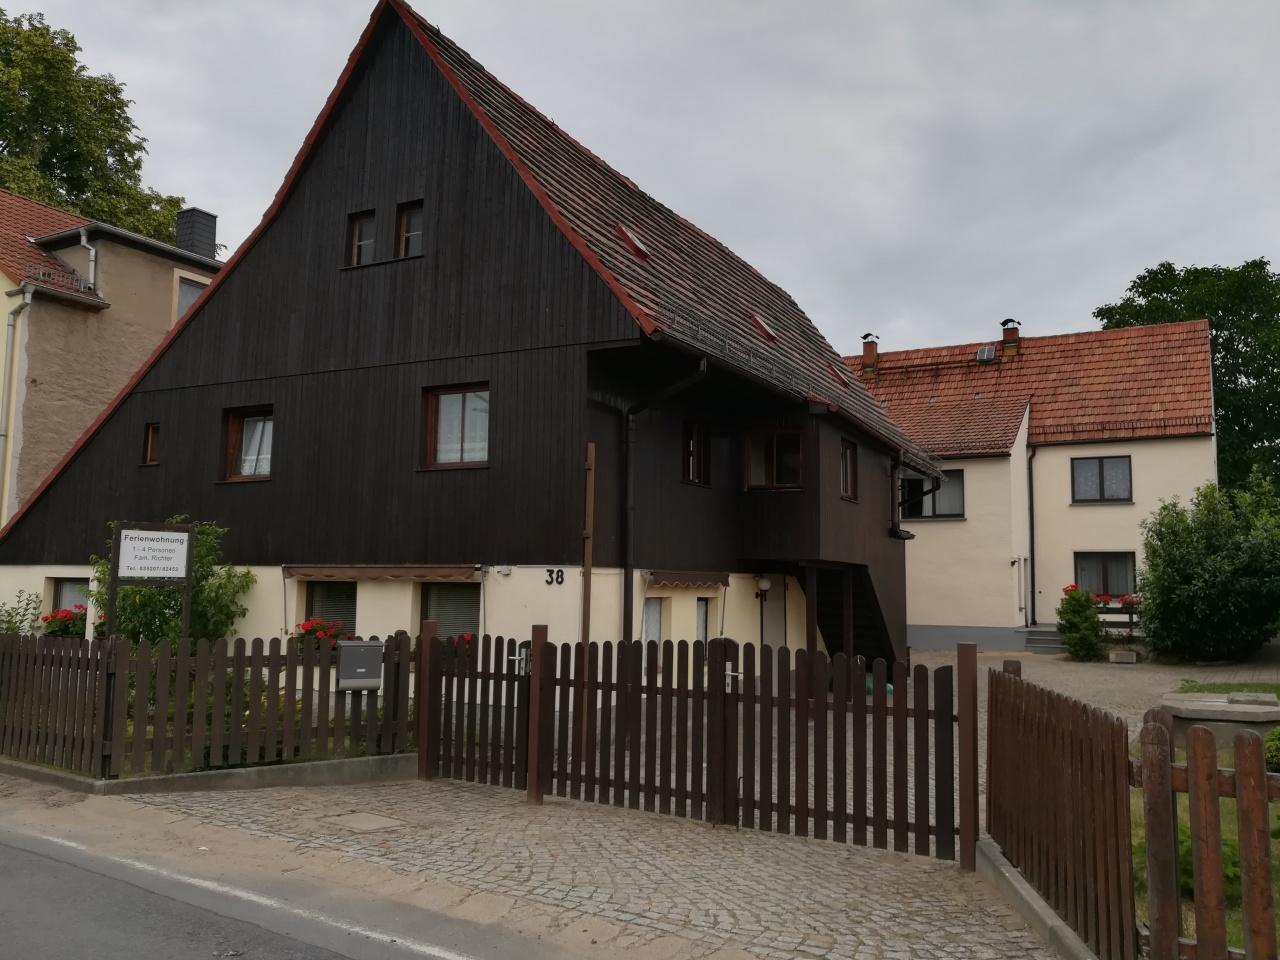 Ferienwohnung Richter, Volkersdorf - Volkersdorf